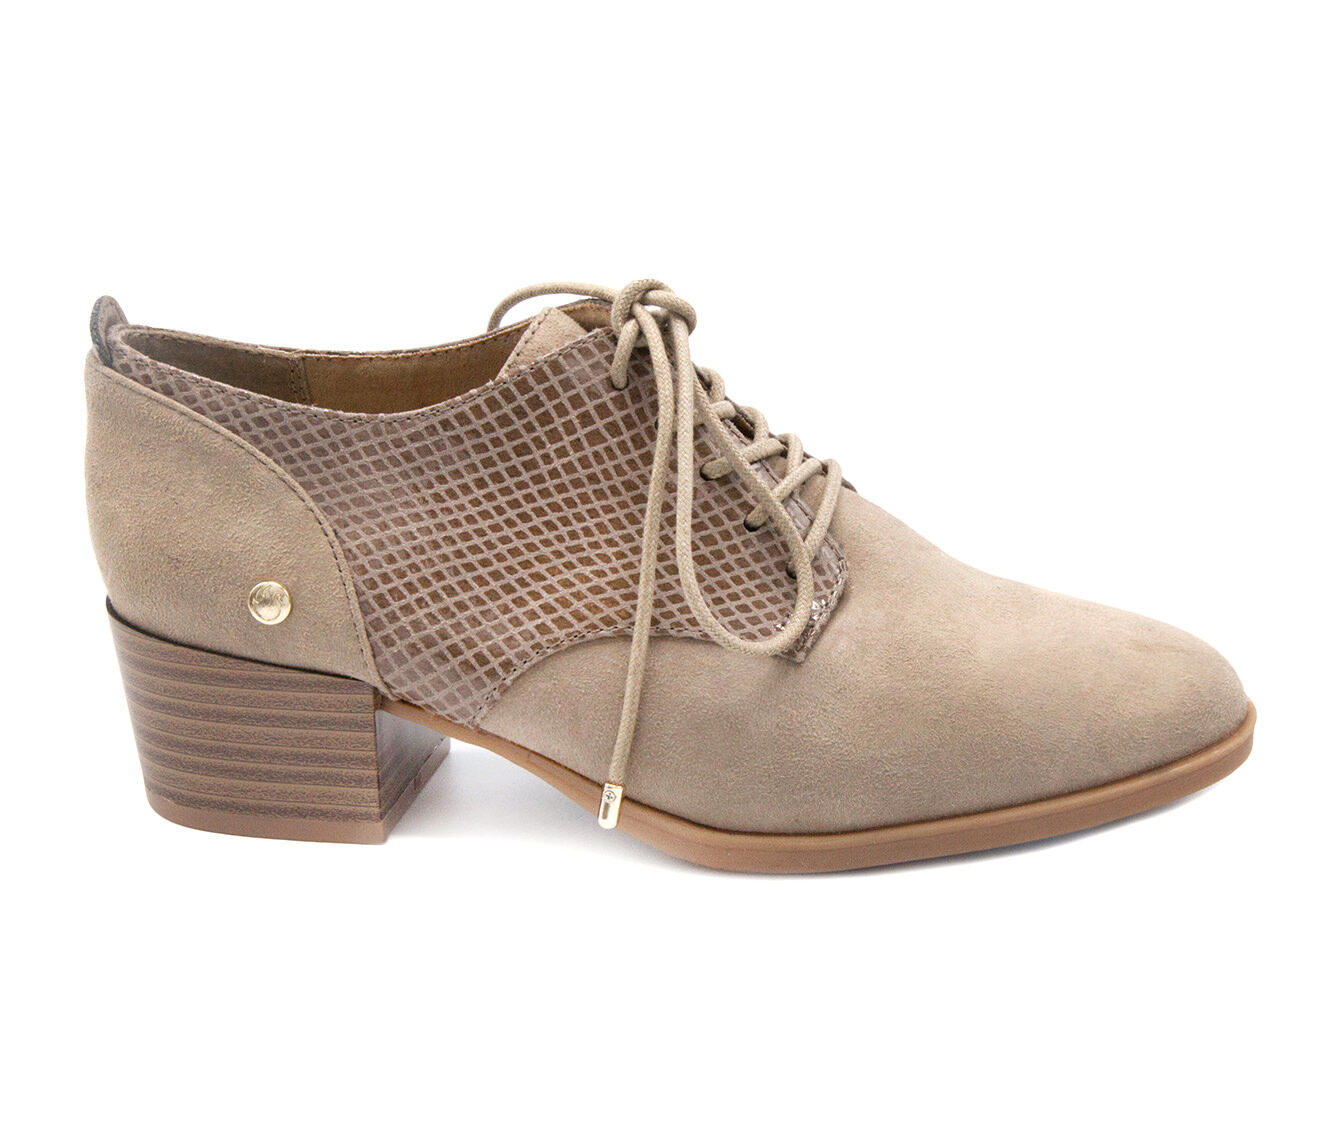 Women's Gloria Vanderbilt Quinn Shoes Truffle